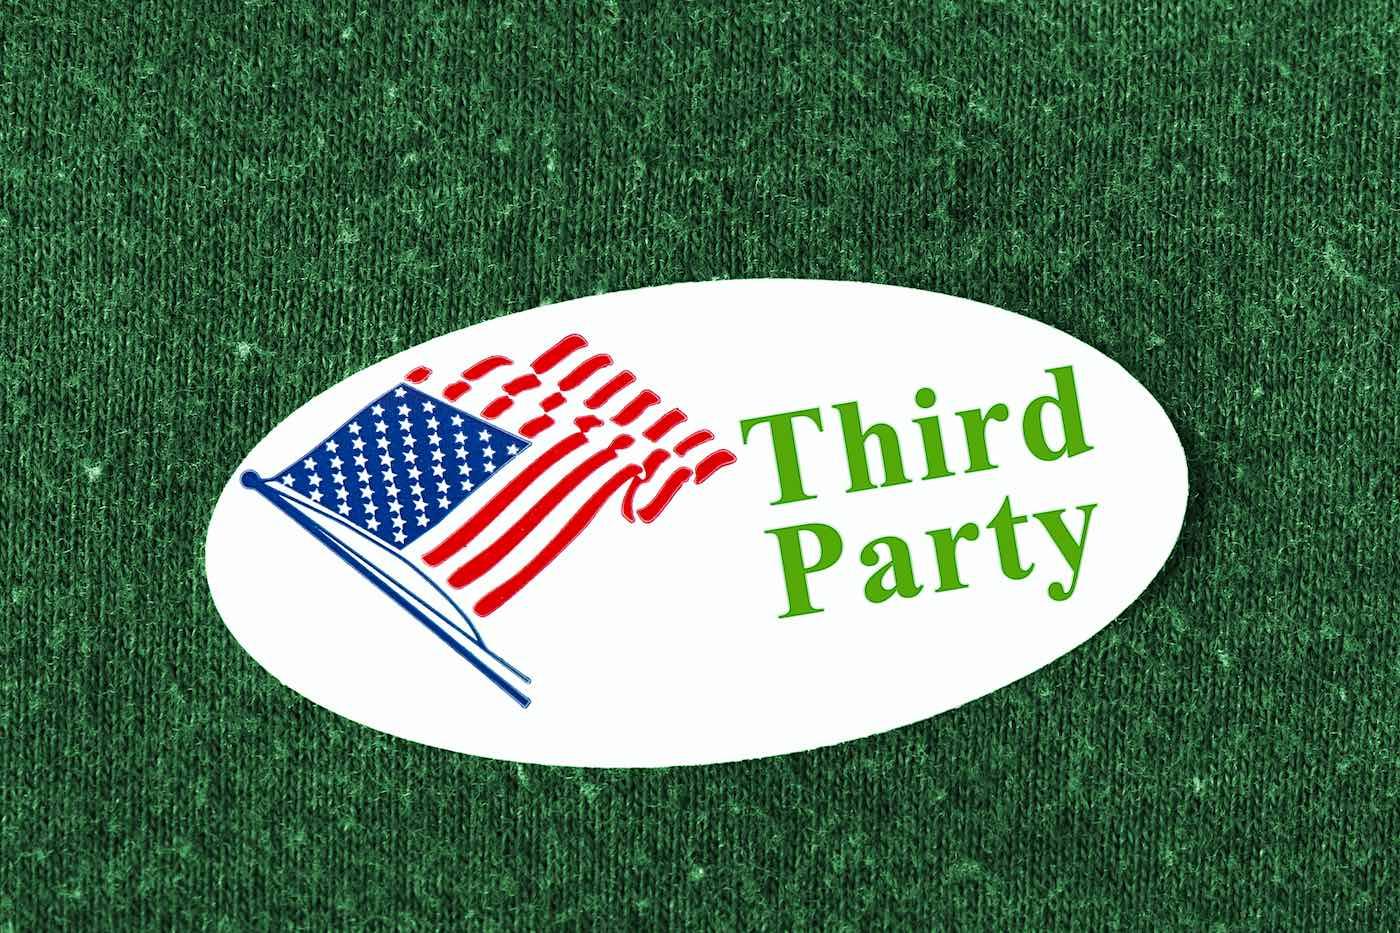 ¿Por qué no existen candidatos serios para un tercer partido político en los Estados Unidos?